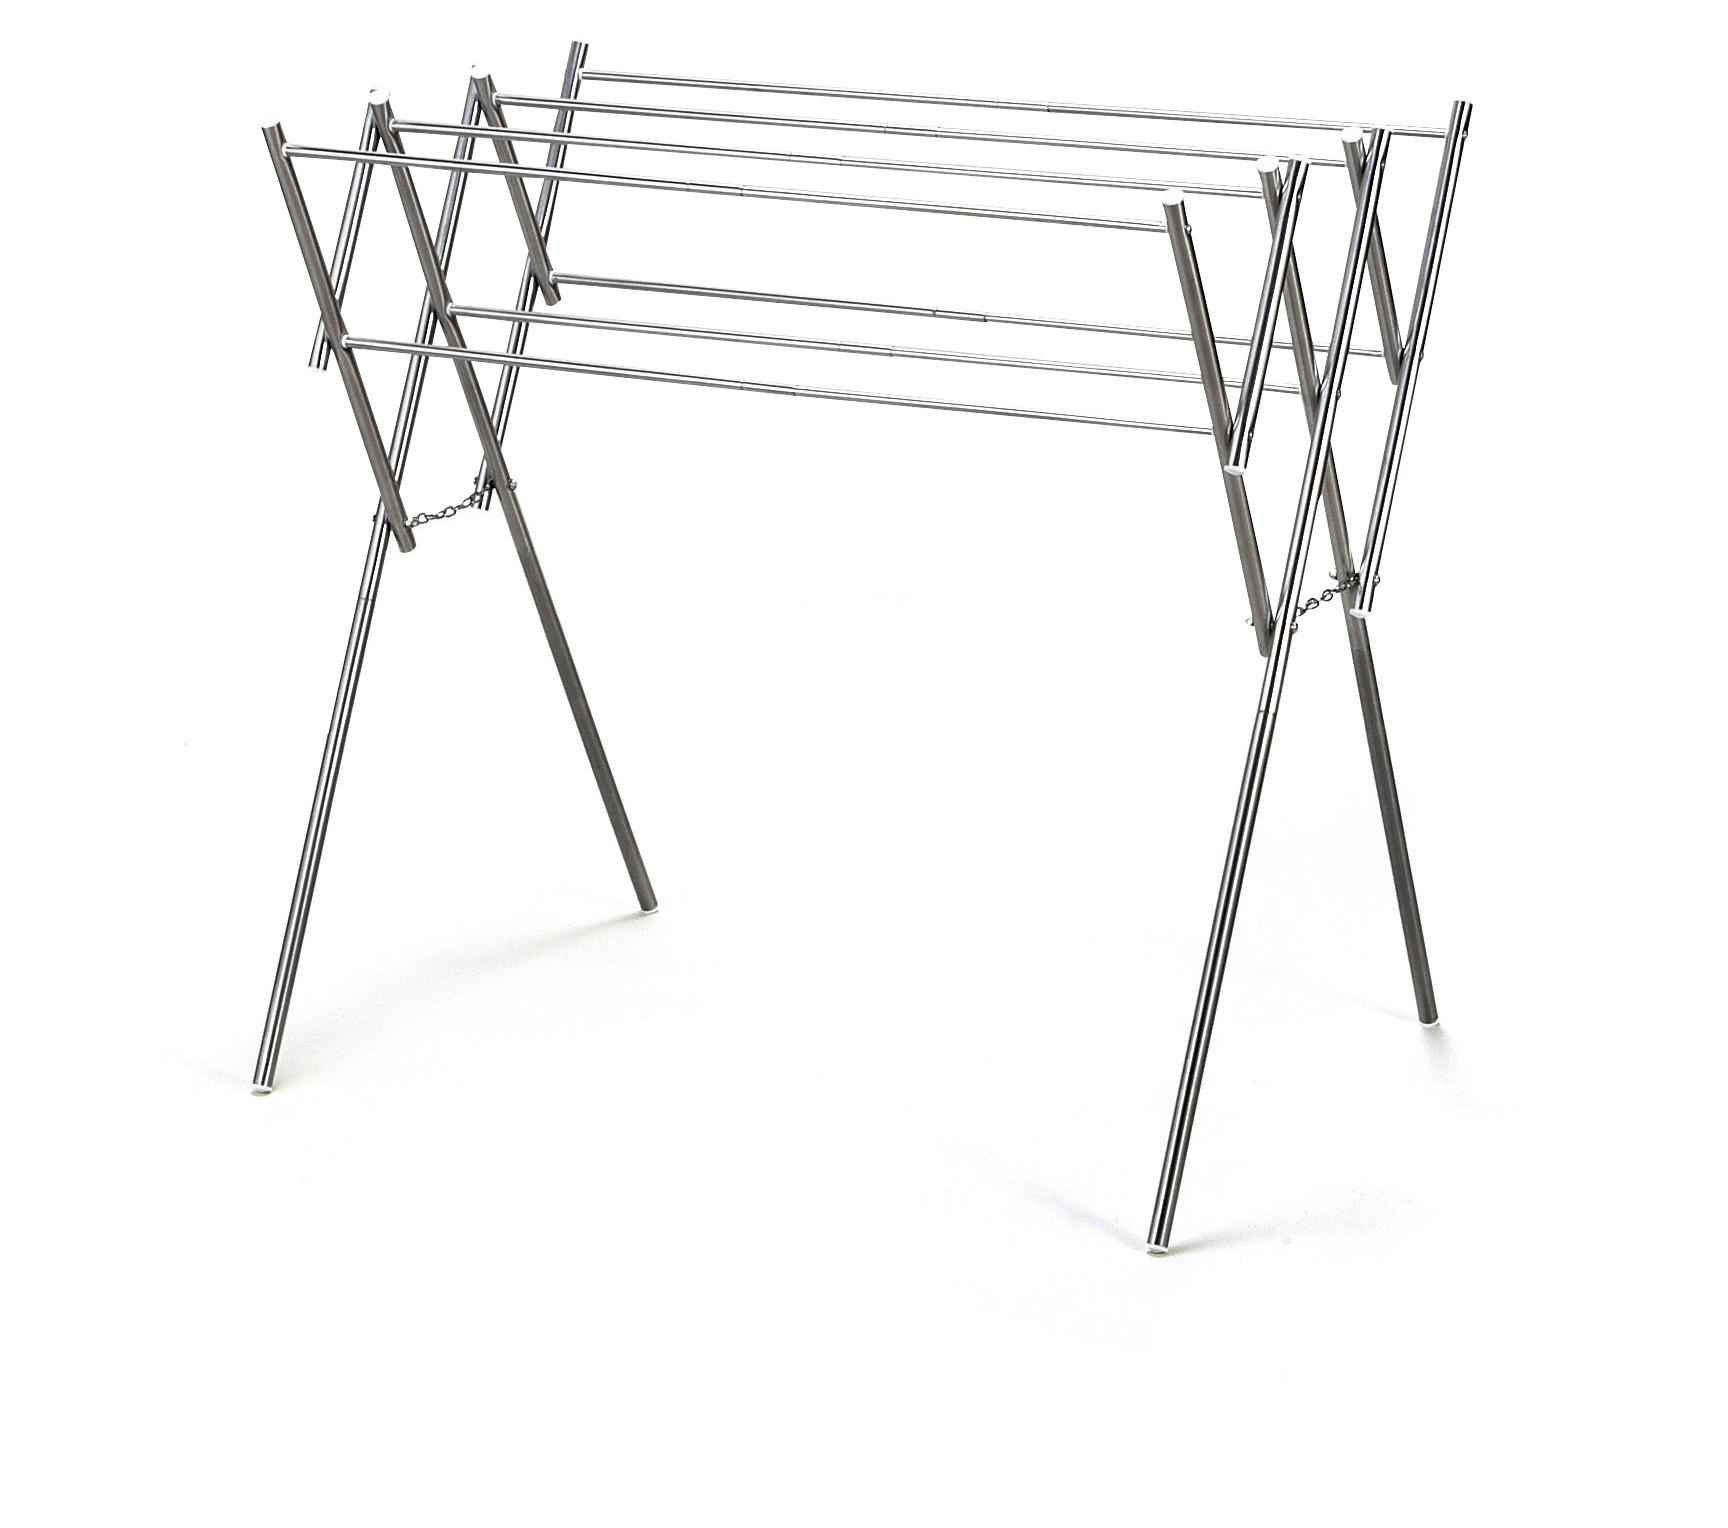 【ティアンドエヌ】ステンレス物干し 使用時/約48~79.5×56.5×高さ77cm、収納時/約48×9×高さ85cm